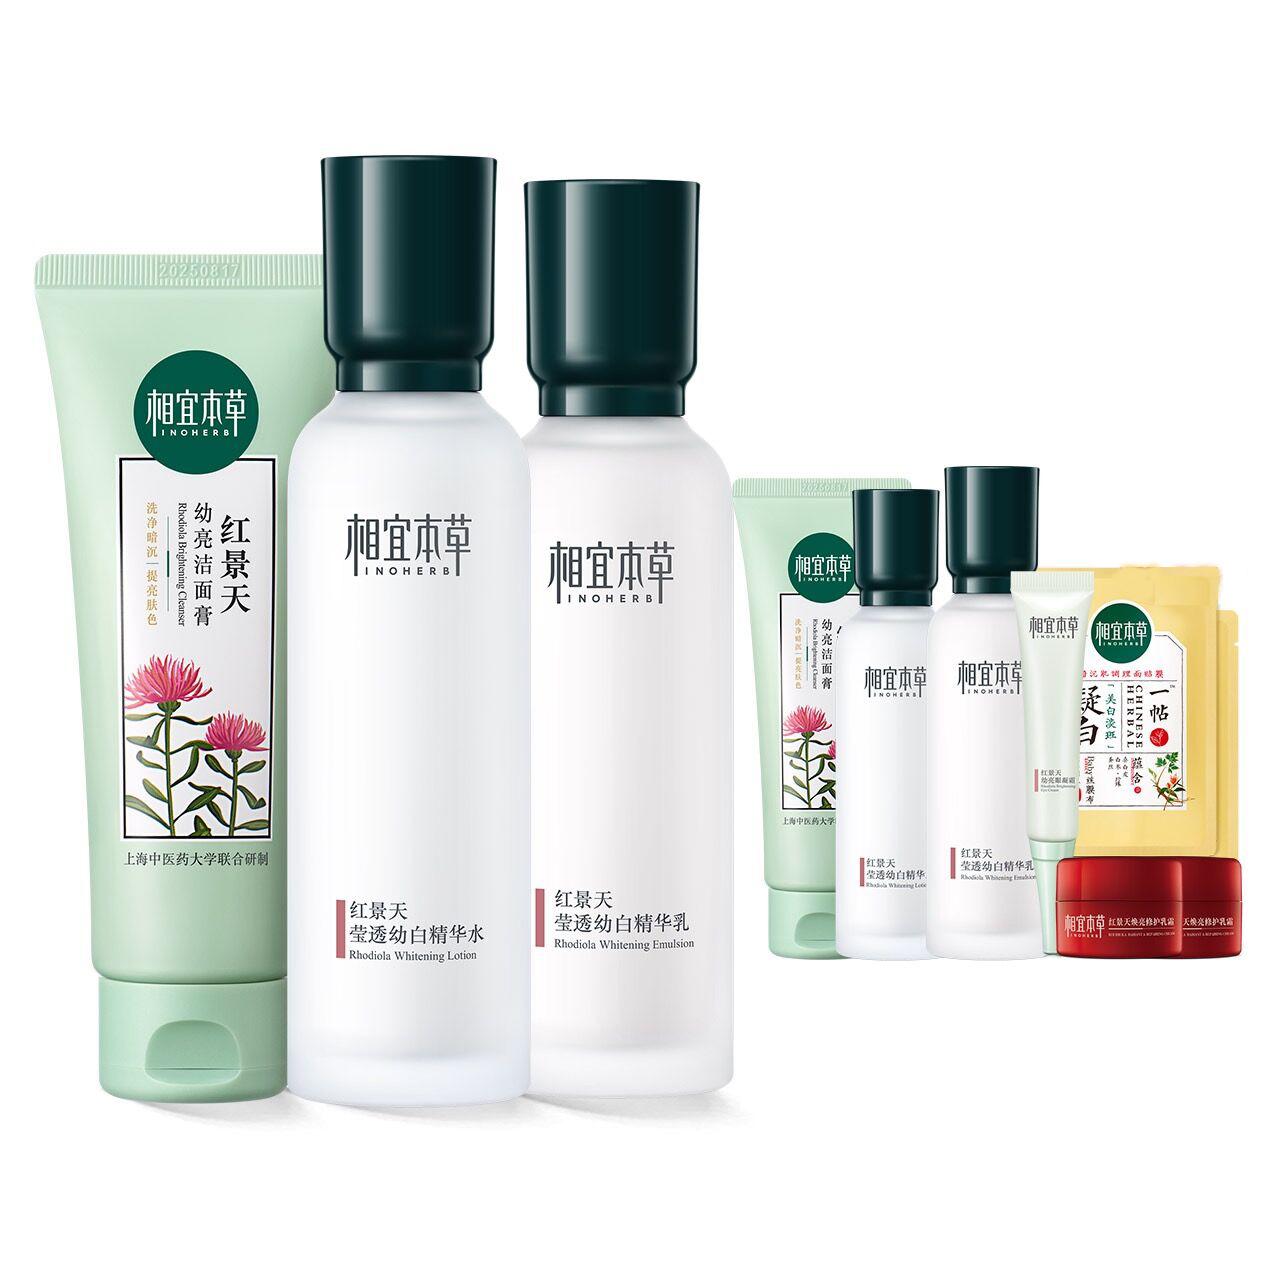 相宜本草紅景天美白護膚品套裝女補水保濕精華水乳潔面化妝品正品